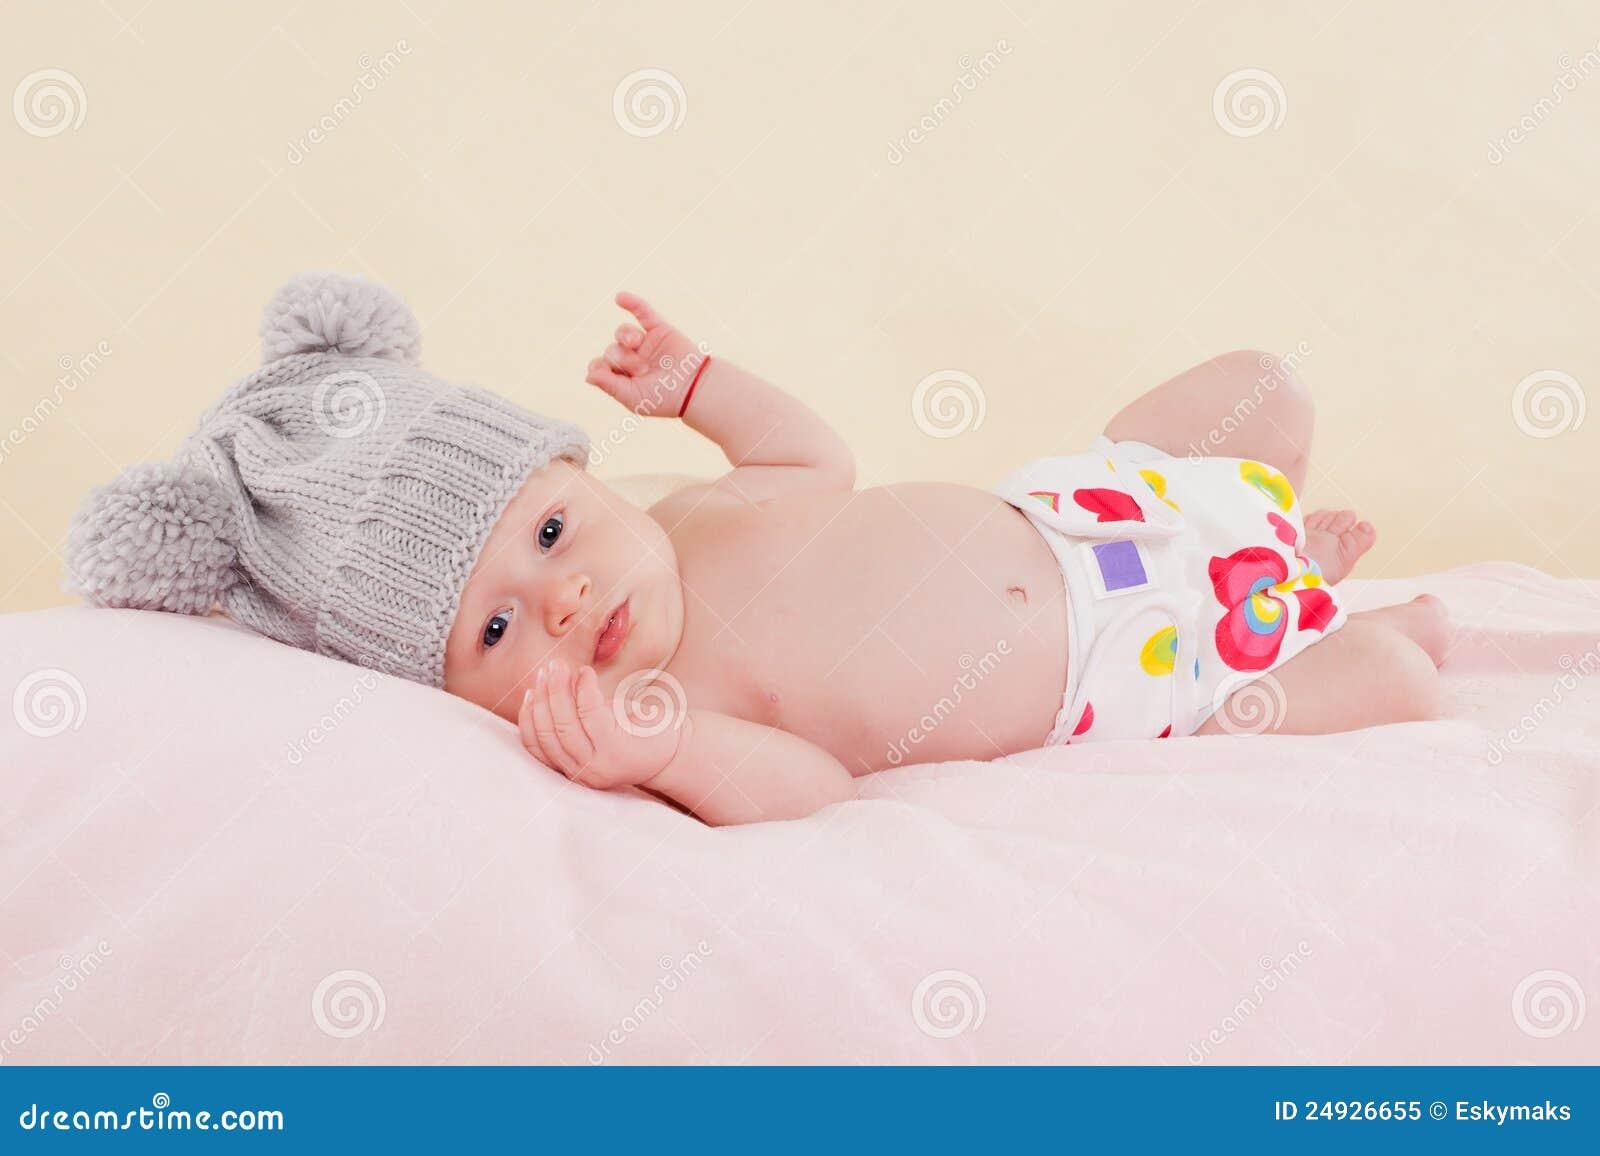 Bambino sulla coperta.